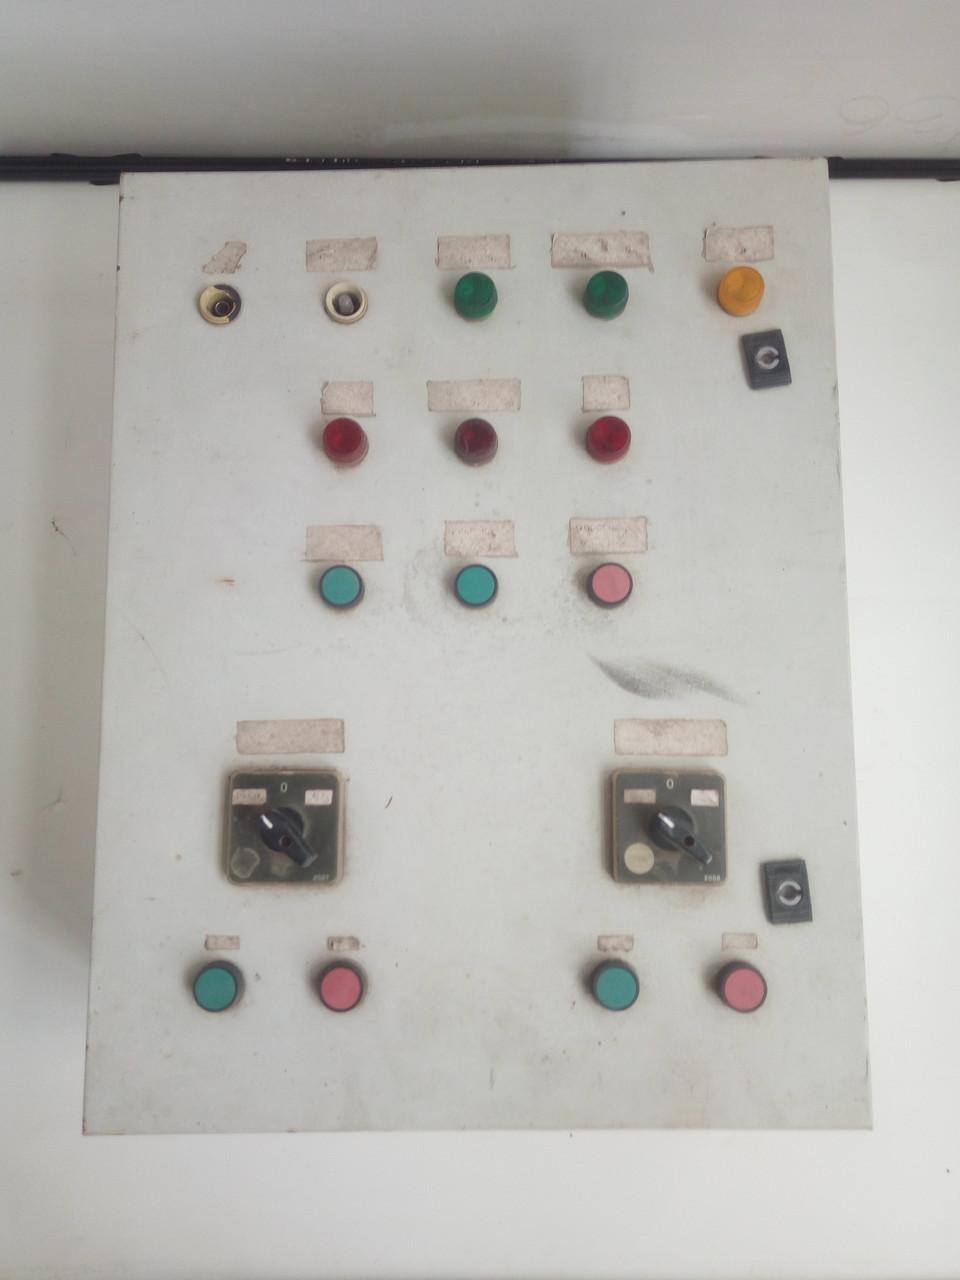 Щит управления вентиляцией c контроллером corrigo regin E151D-3. Б/У. 645х500х220мм.